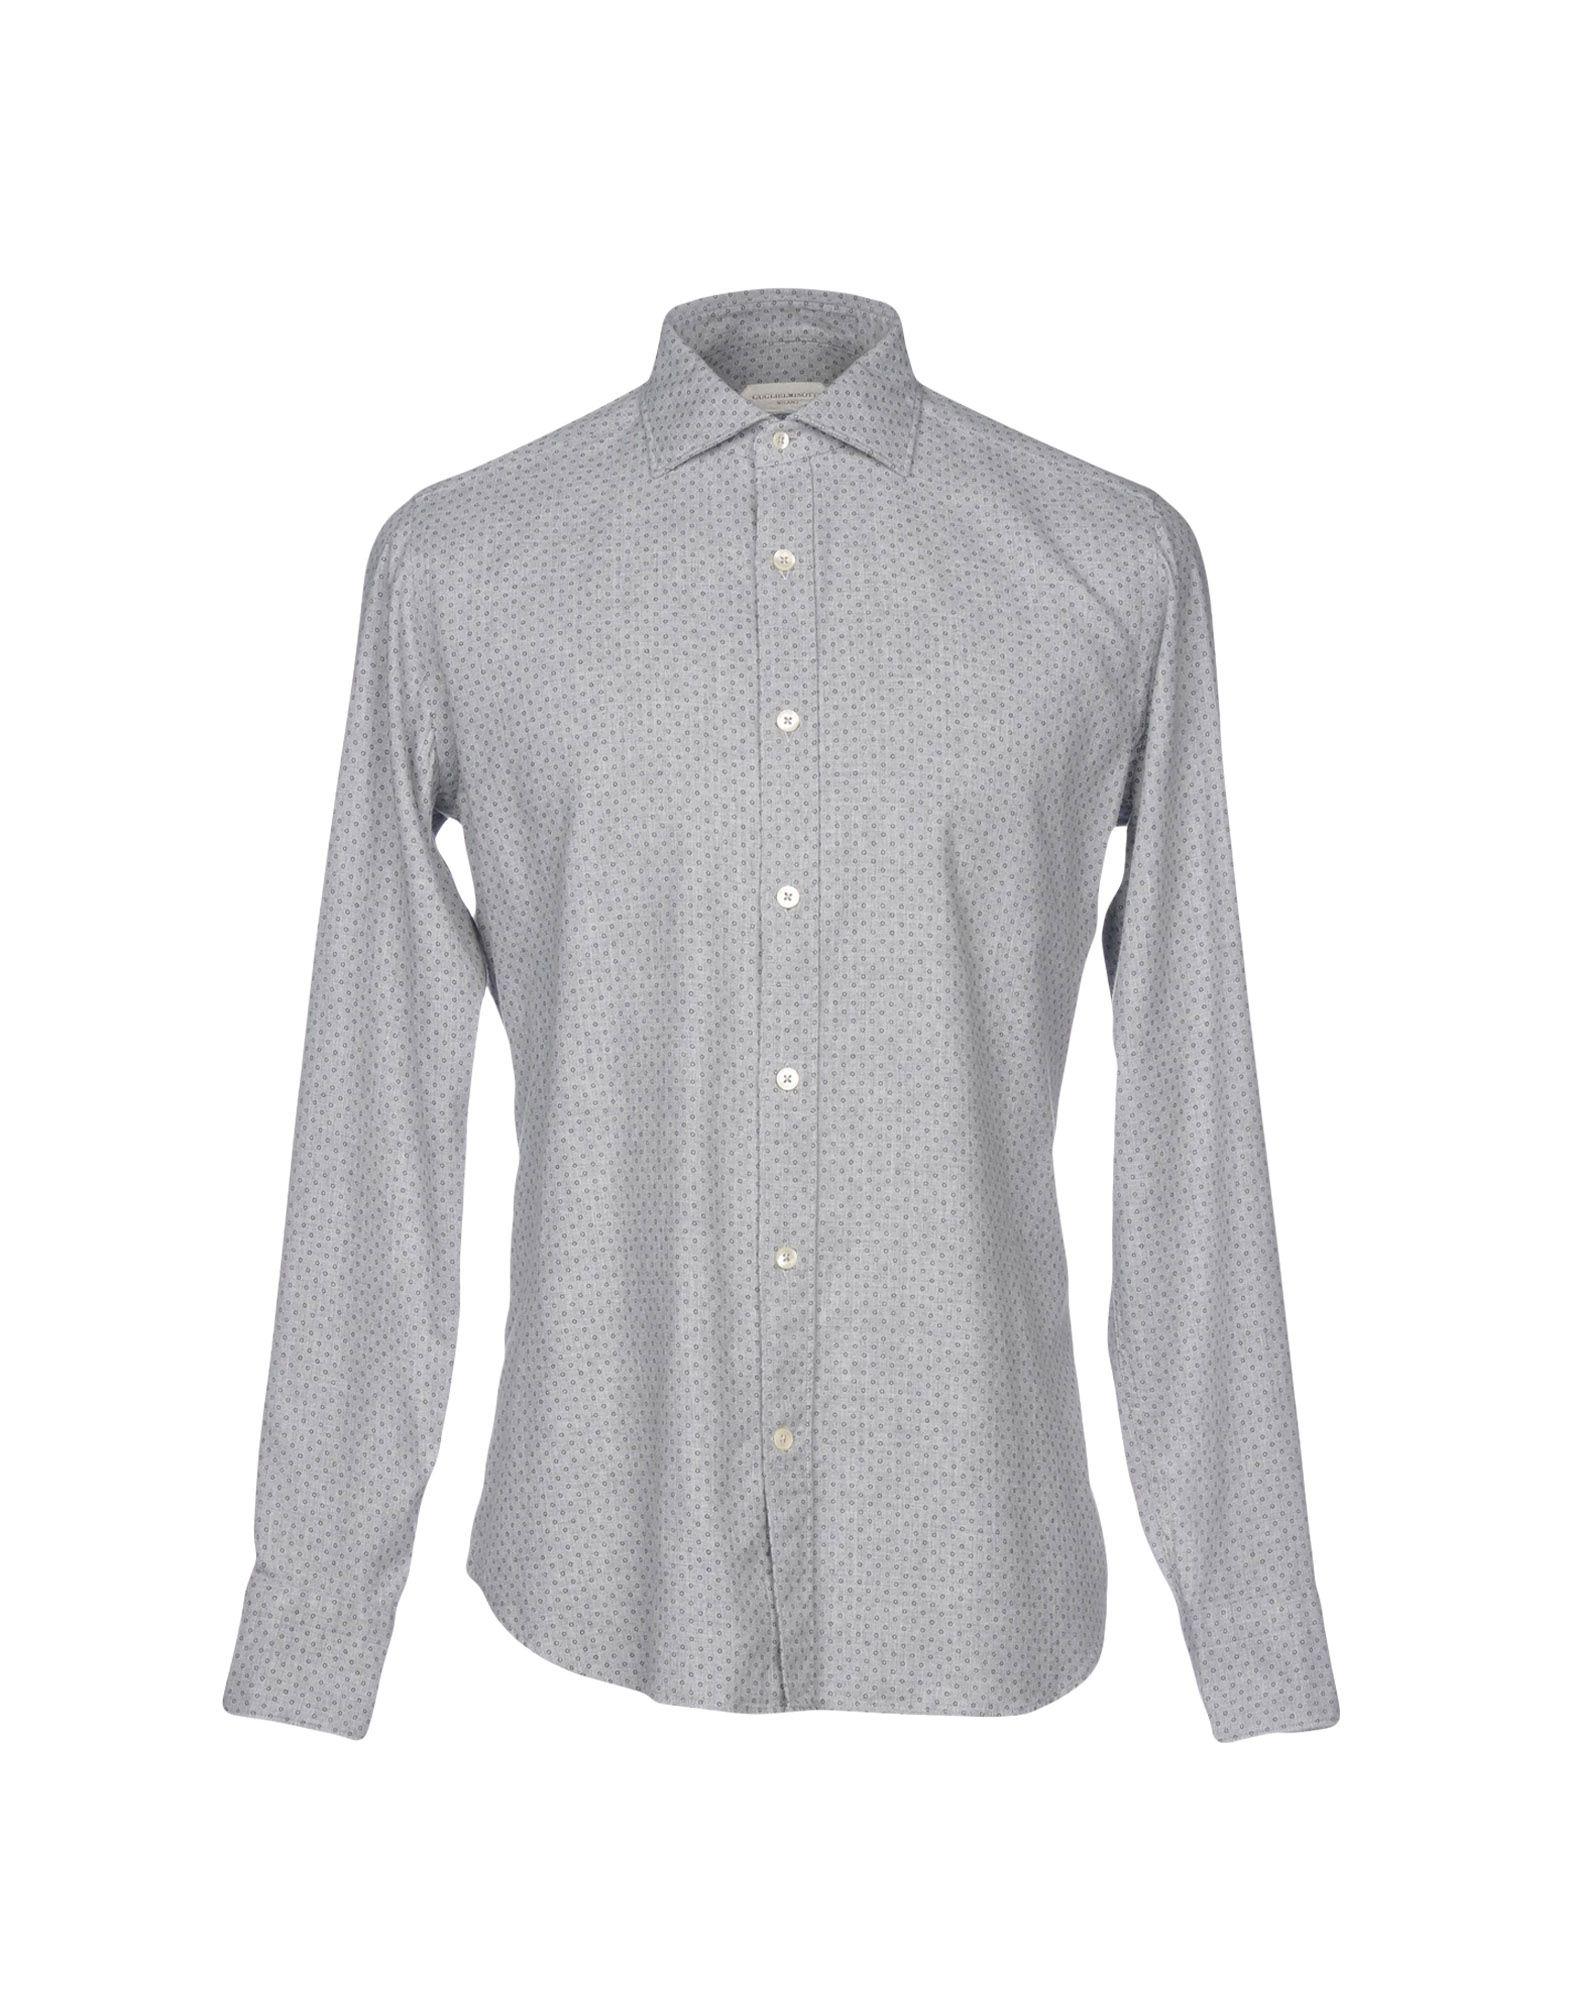 《送料無料》GUGLIELMINOTTI メンズ シャツ ライトグレー 42 コットン 100%